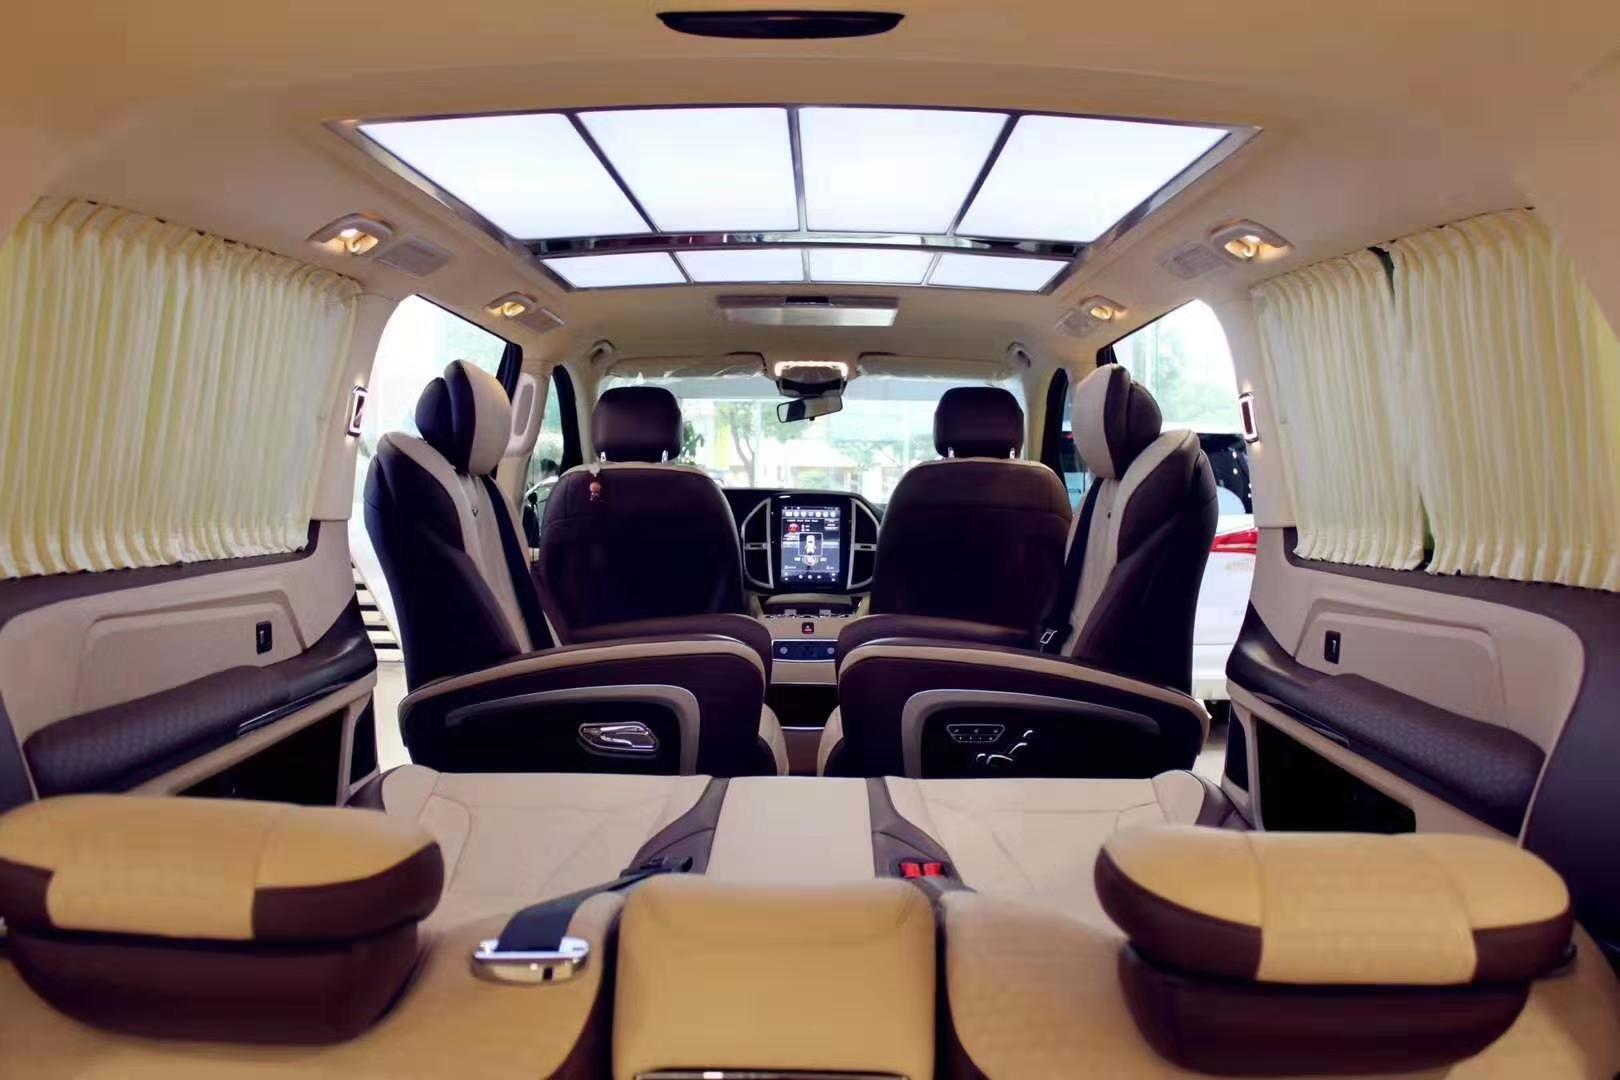 七座奔馳威霆房車,迎新春優惠降價5萬,高端MPV改裝房車稀缺車型報價